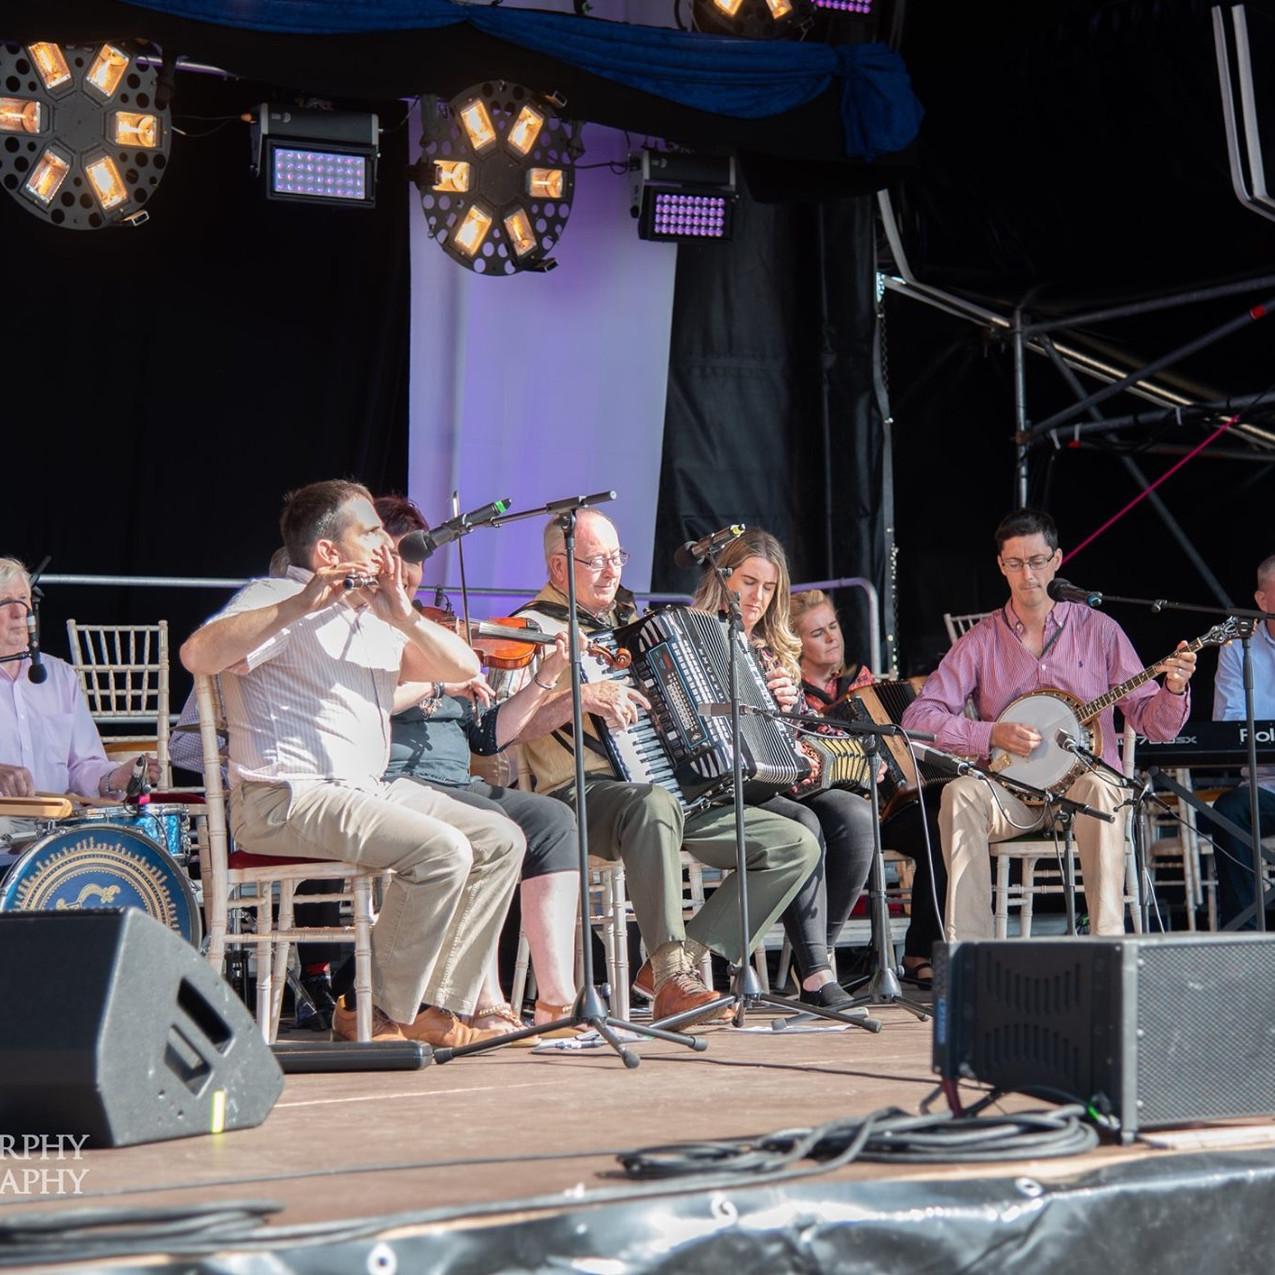 Brian O'Kane band